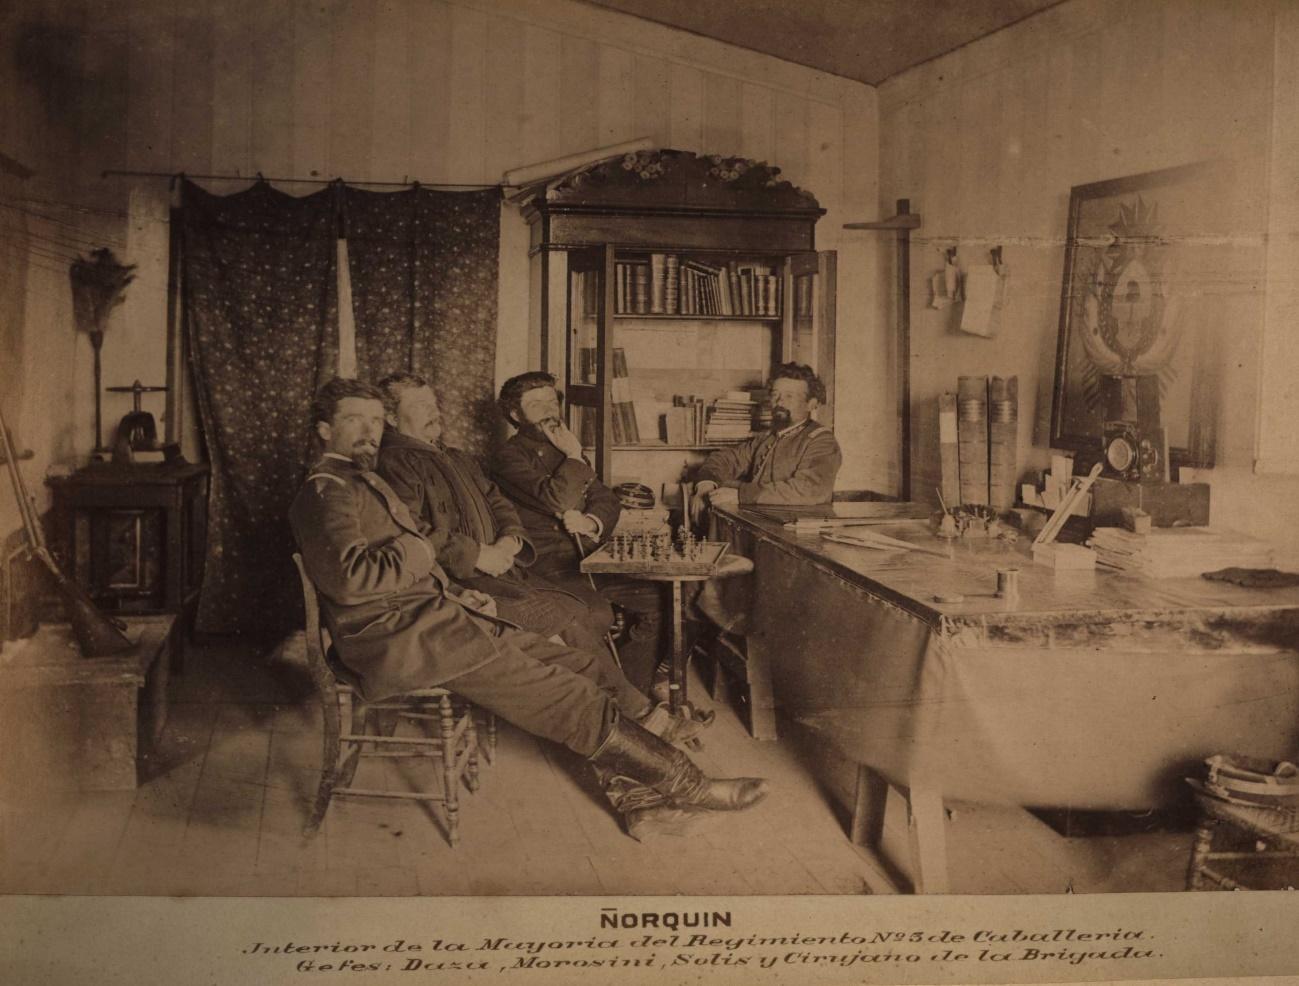 Imagen que contiene interior, foto, viejo, cocina  Descripción generada automáticamente